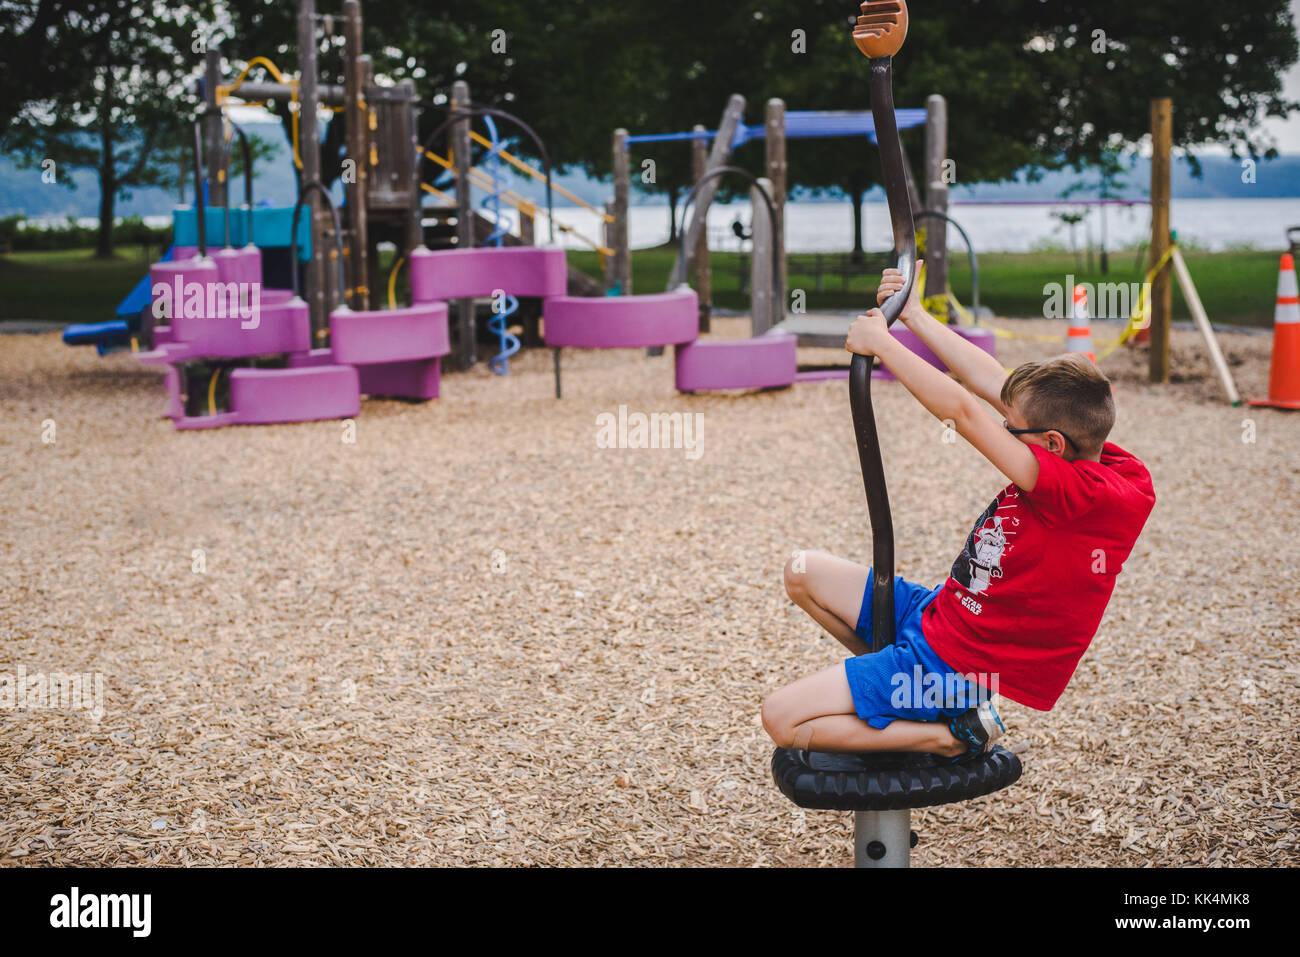 Un garçon joue à l'équipement de jeu un jour d'été Banque D'Images